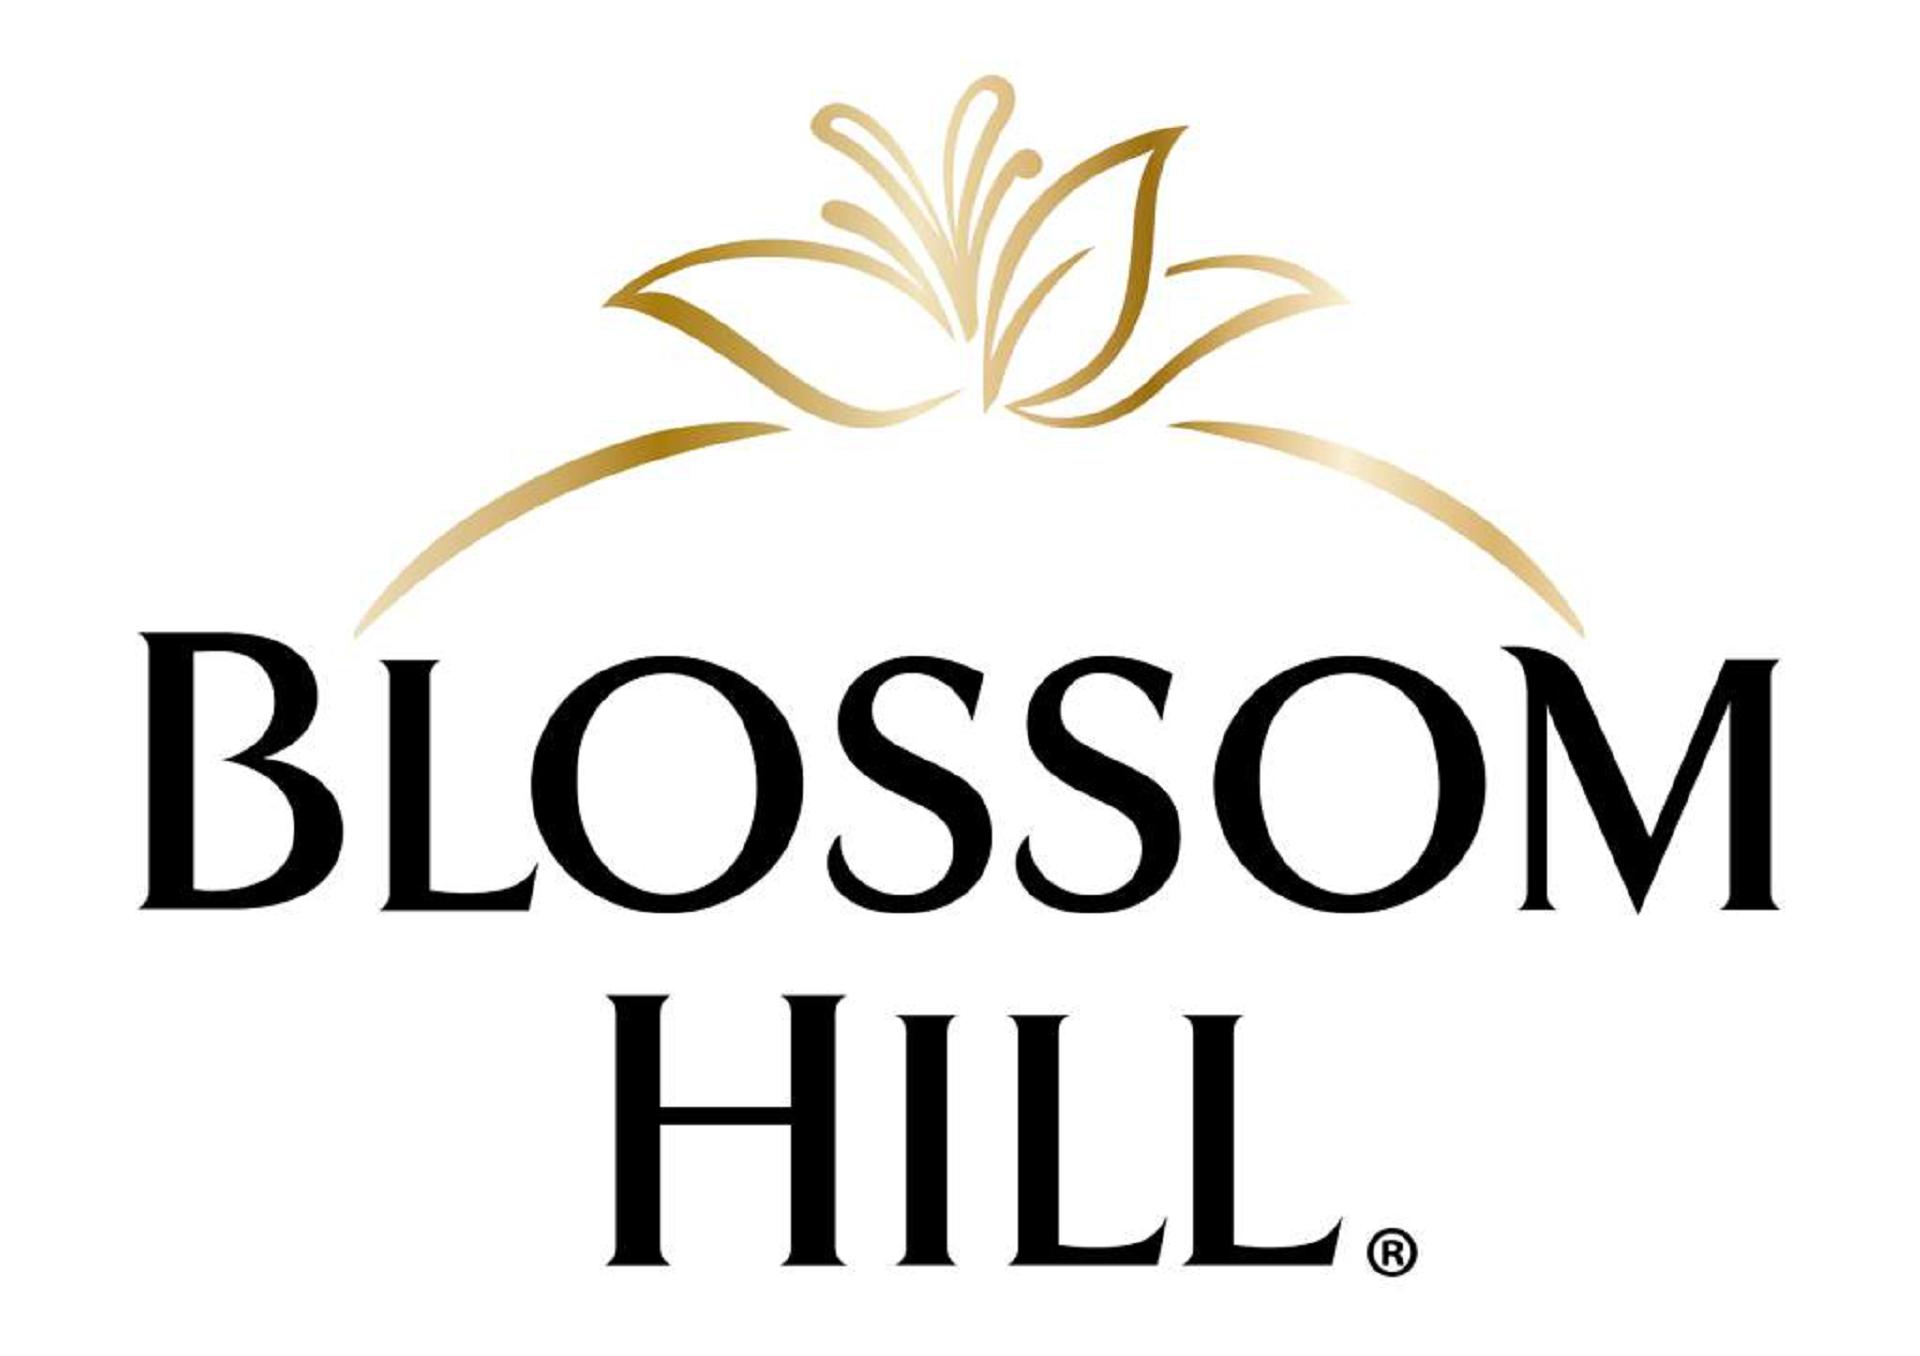 Blossom Hill Photos